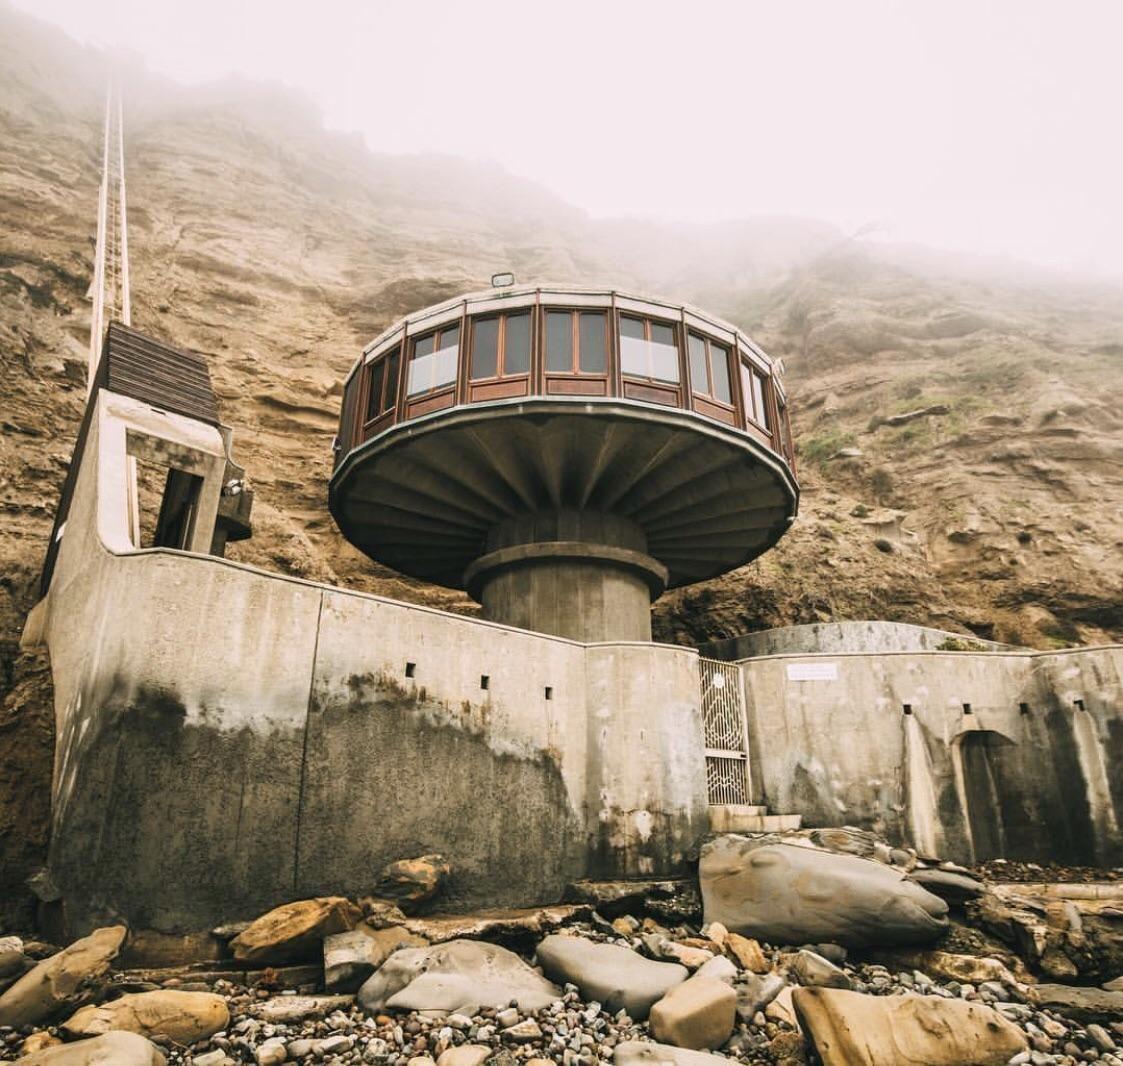 Abandoned Penthouse On The Coast [3000x2000]